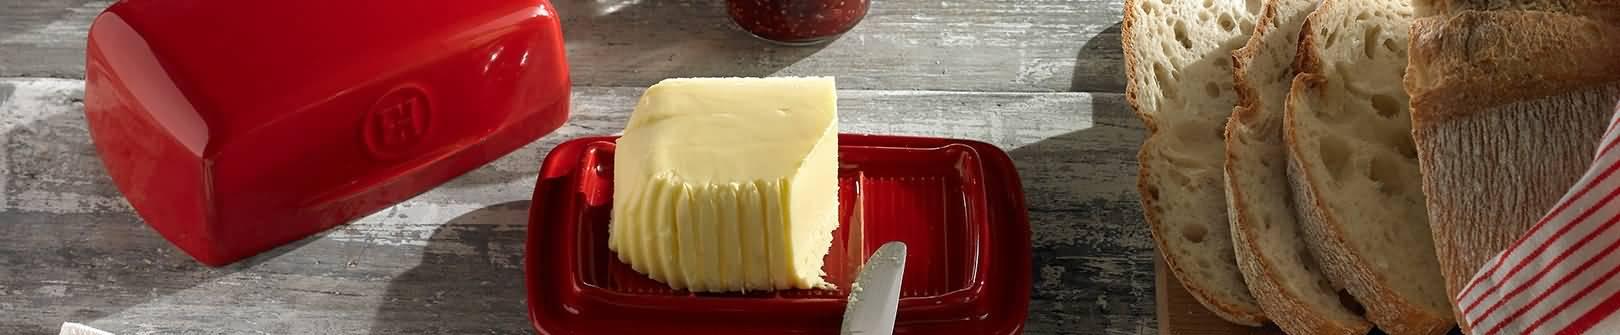 Buttergerichte